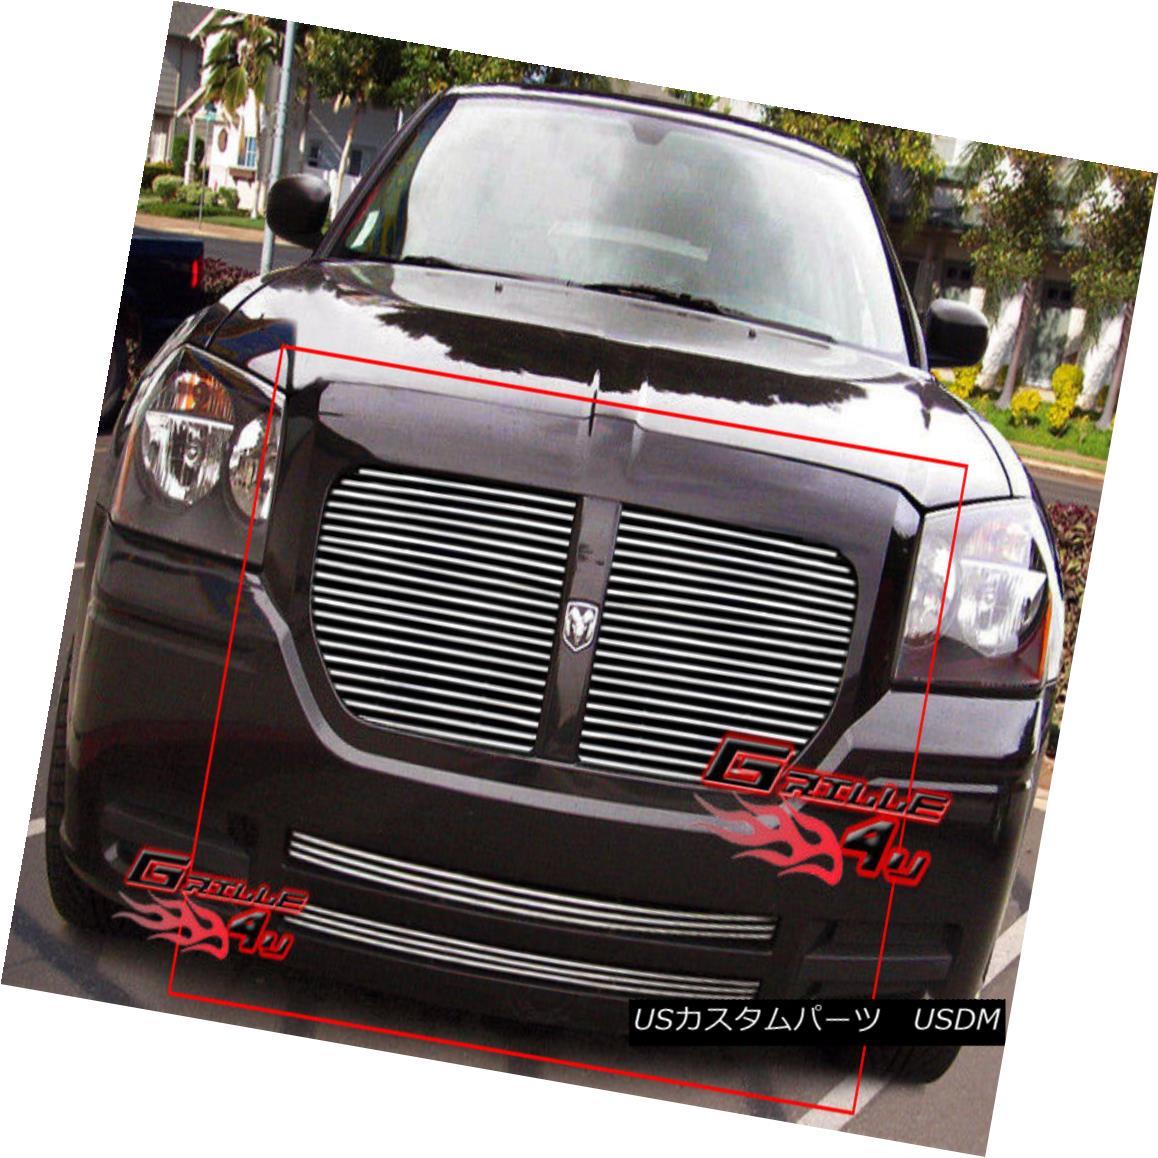 グリル Fits 2005-2007 Dodge Magnum Billet Grille Combo 2005-2007 Dodge Magnum Billet Grille Comboに適合